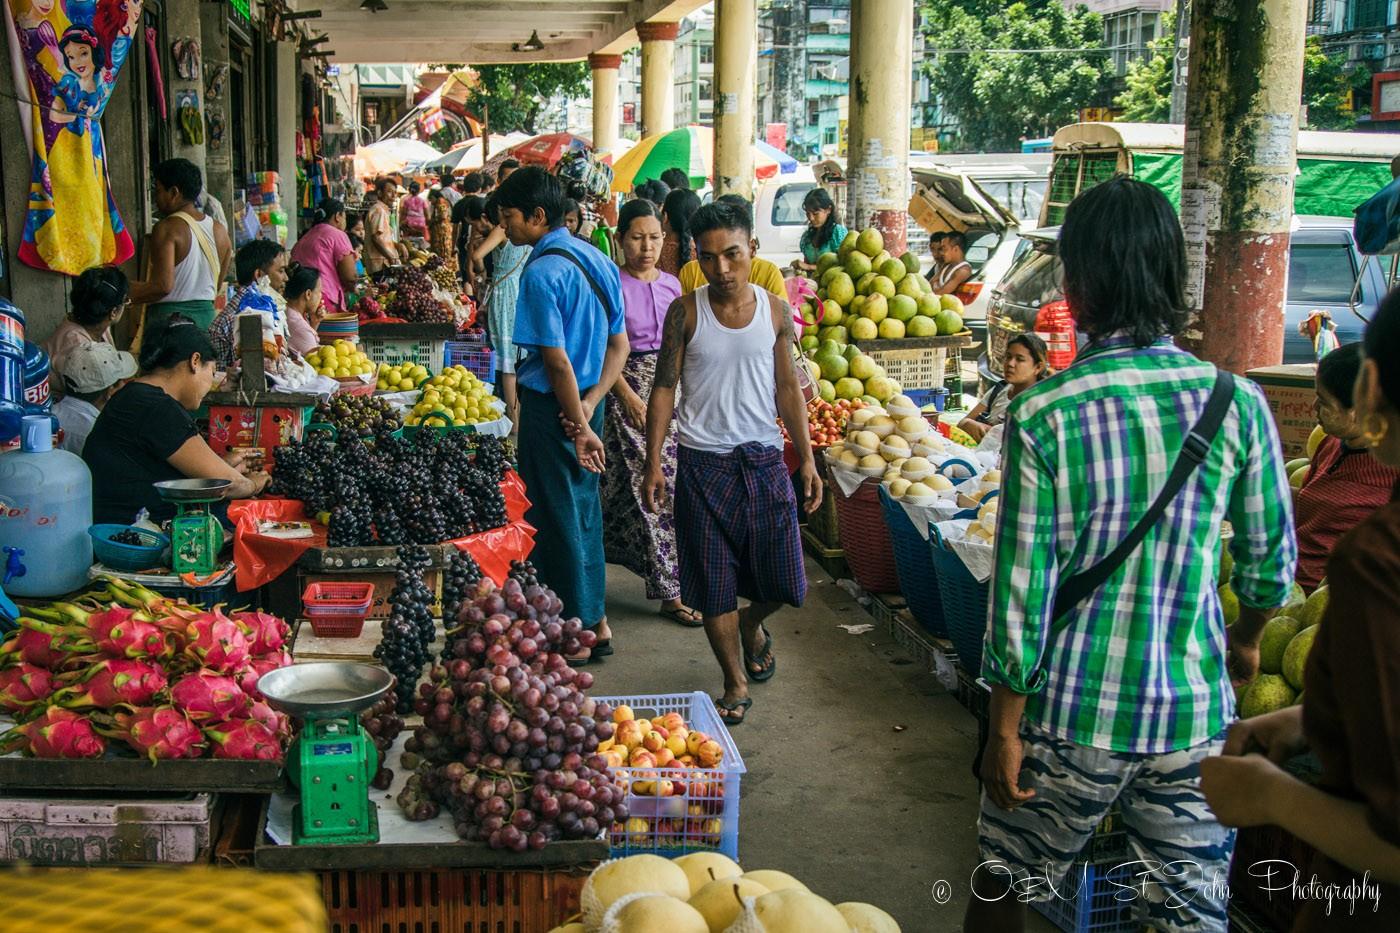 3 days in Yangon: Busy street market in Yangon. Myanmar